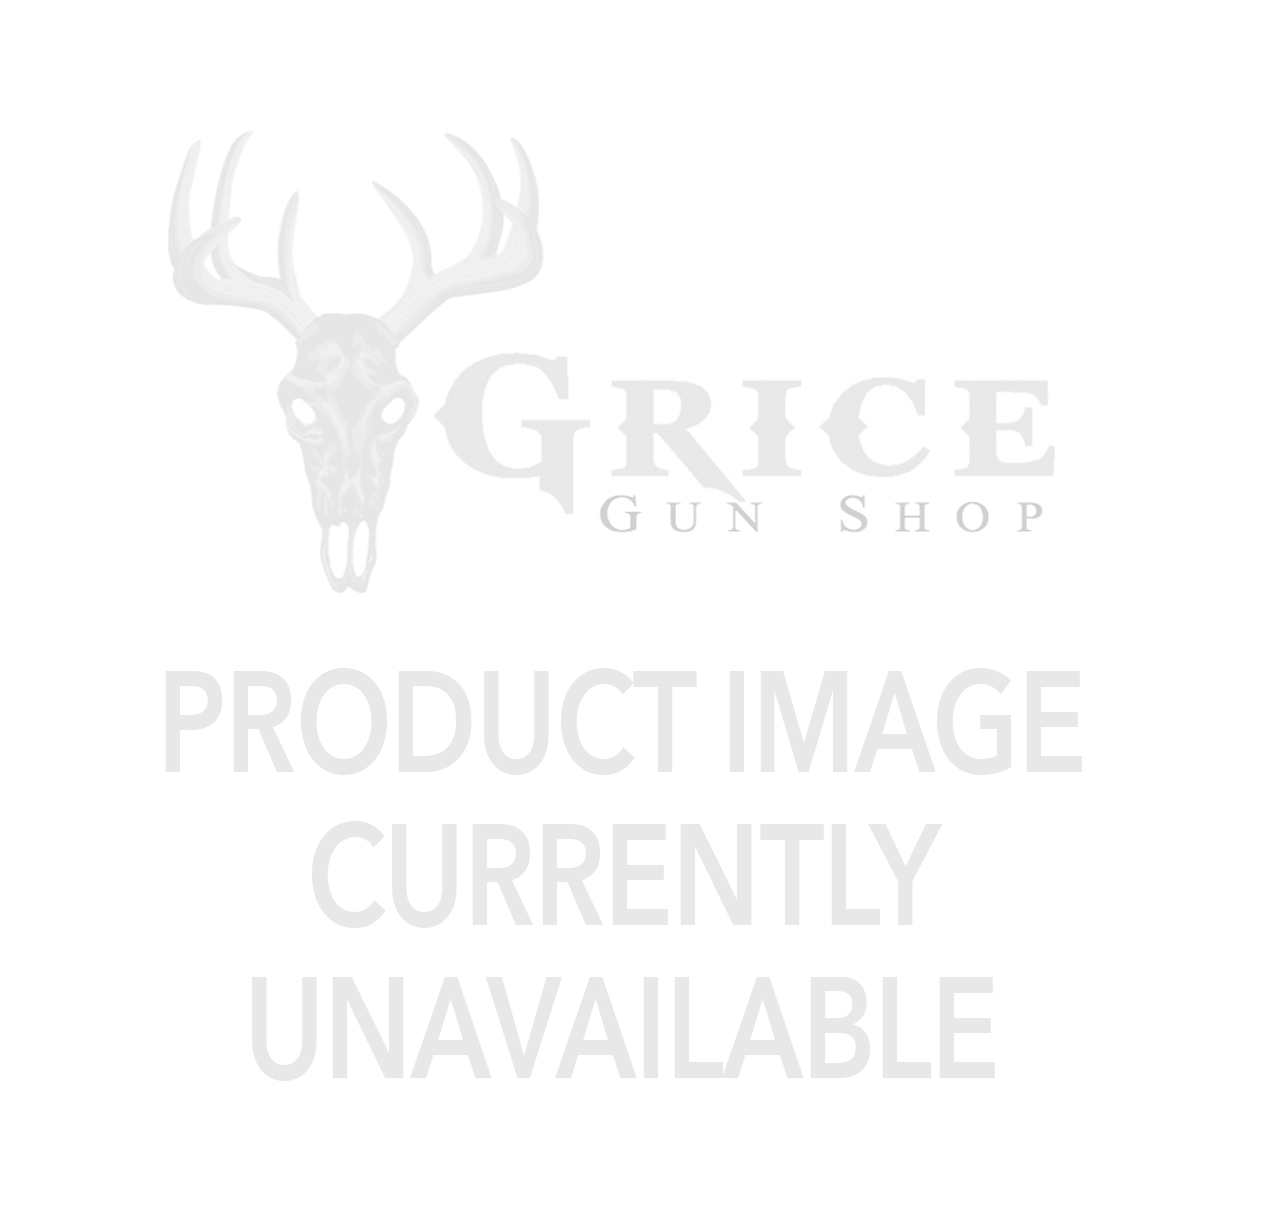 CrimsonTrace - Laser Grips Master Series 1911 Full Size